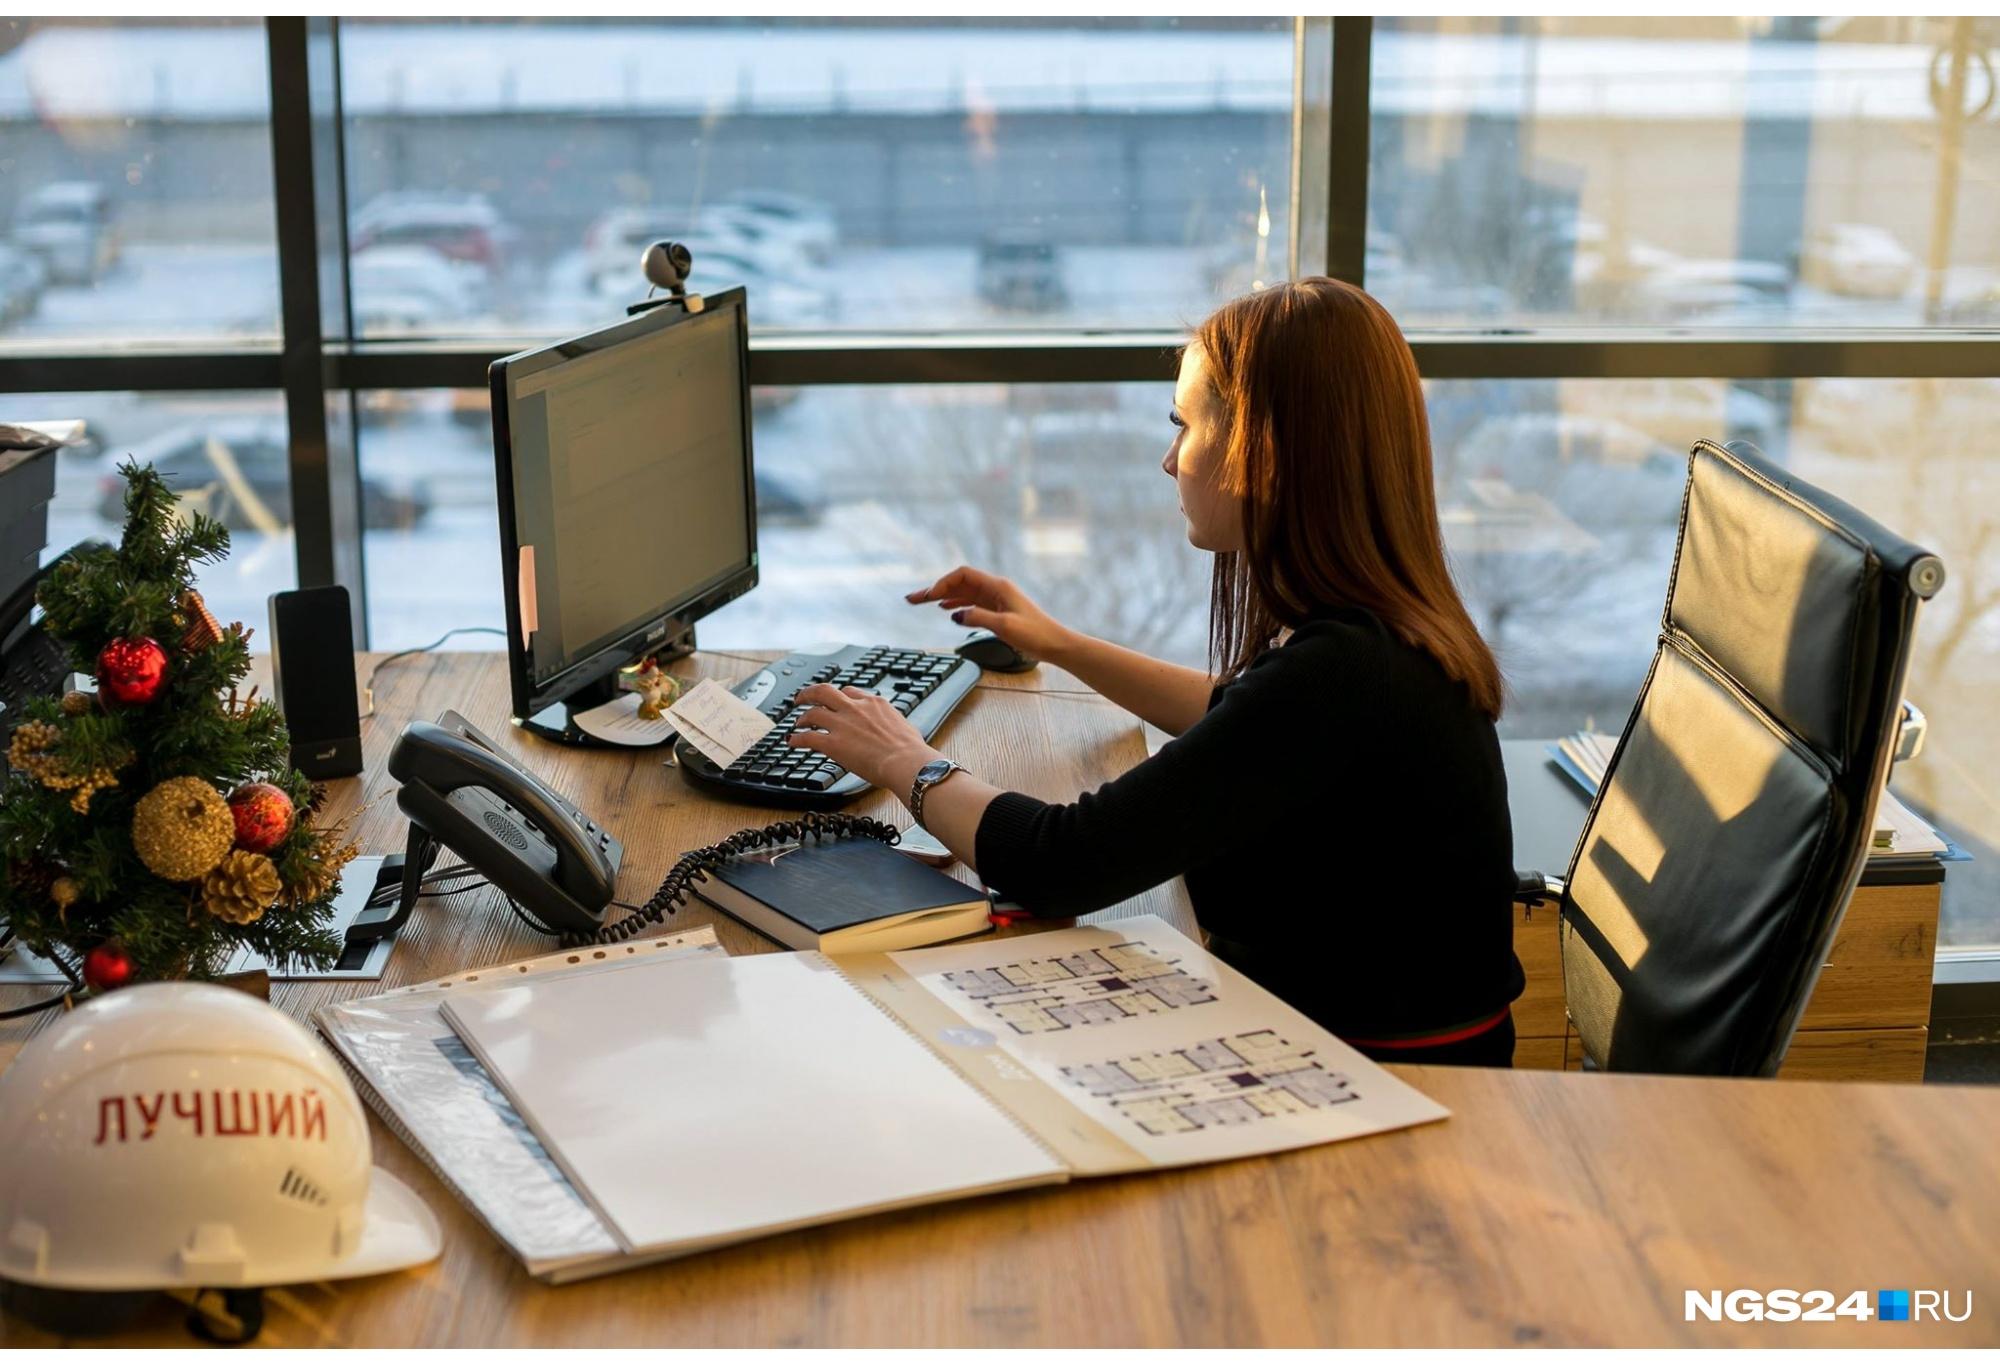 Те, кто хочет побольше заработать, придут в офис еще и 1 января